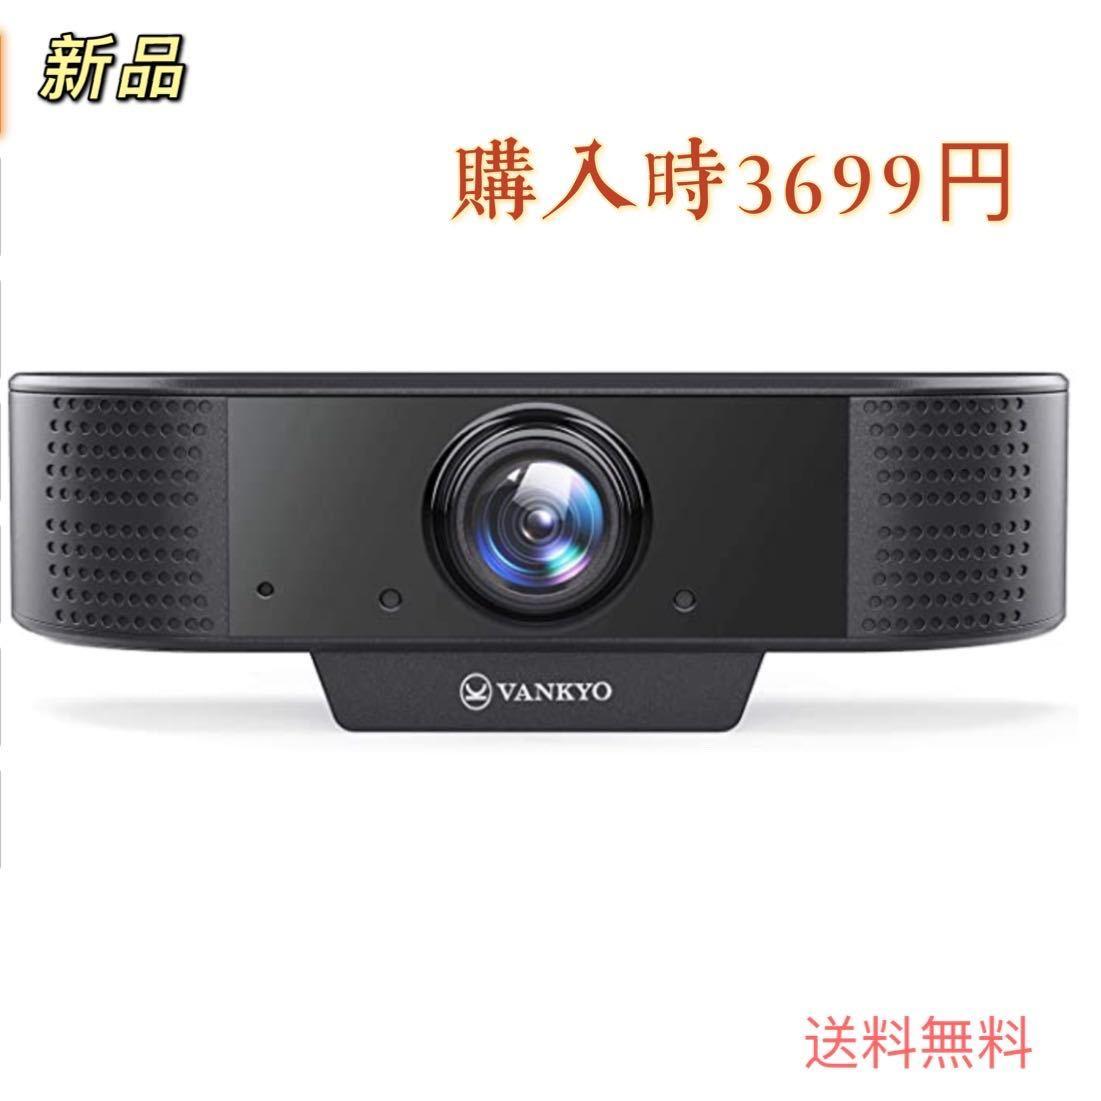 新品 webカメラ マイク内蔵 1080P 30fps高画質 ウェブカメラ 110°広角 光補正 高い互換性パソコン